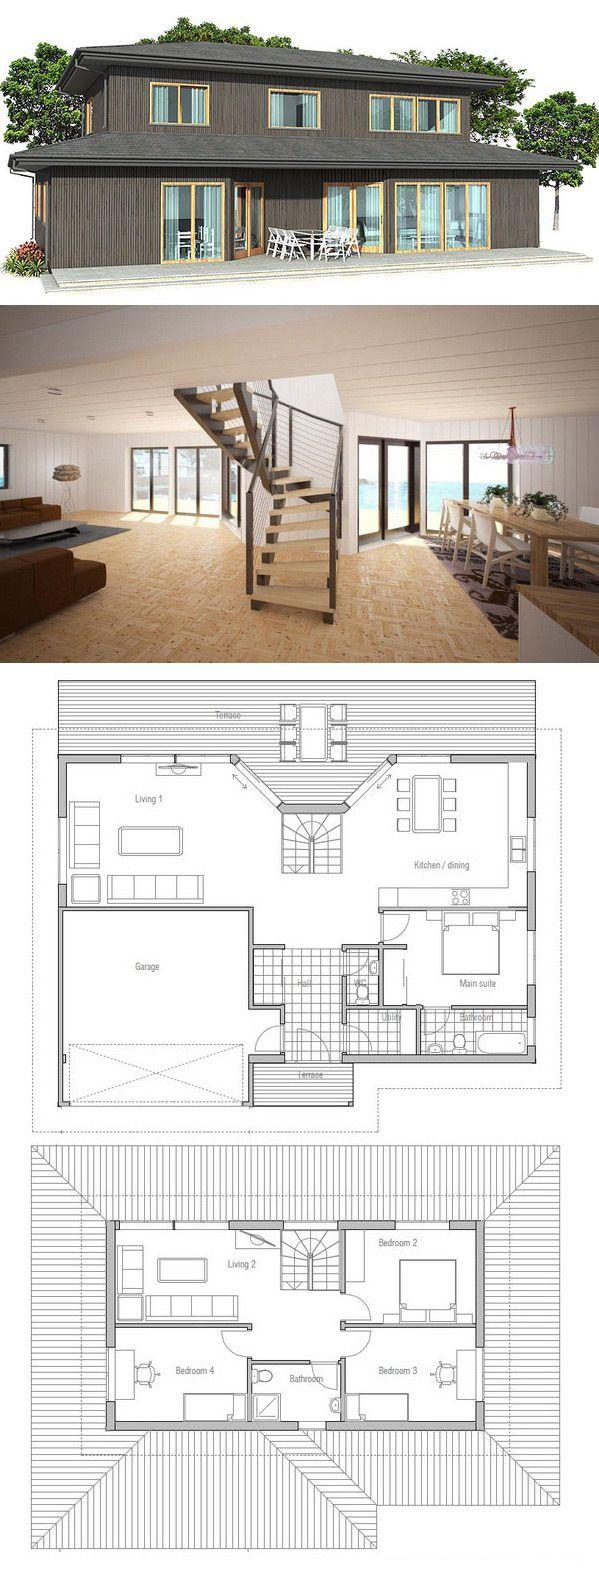 1000 idées sur le thème Plans De Petite Maison sur Pinterest ...